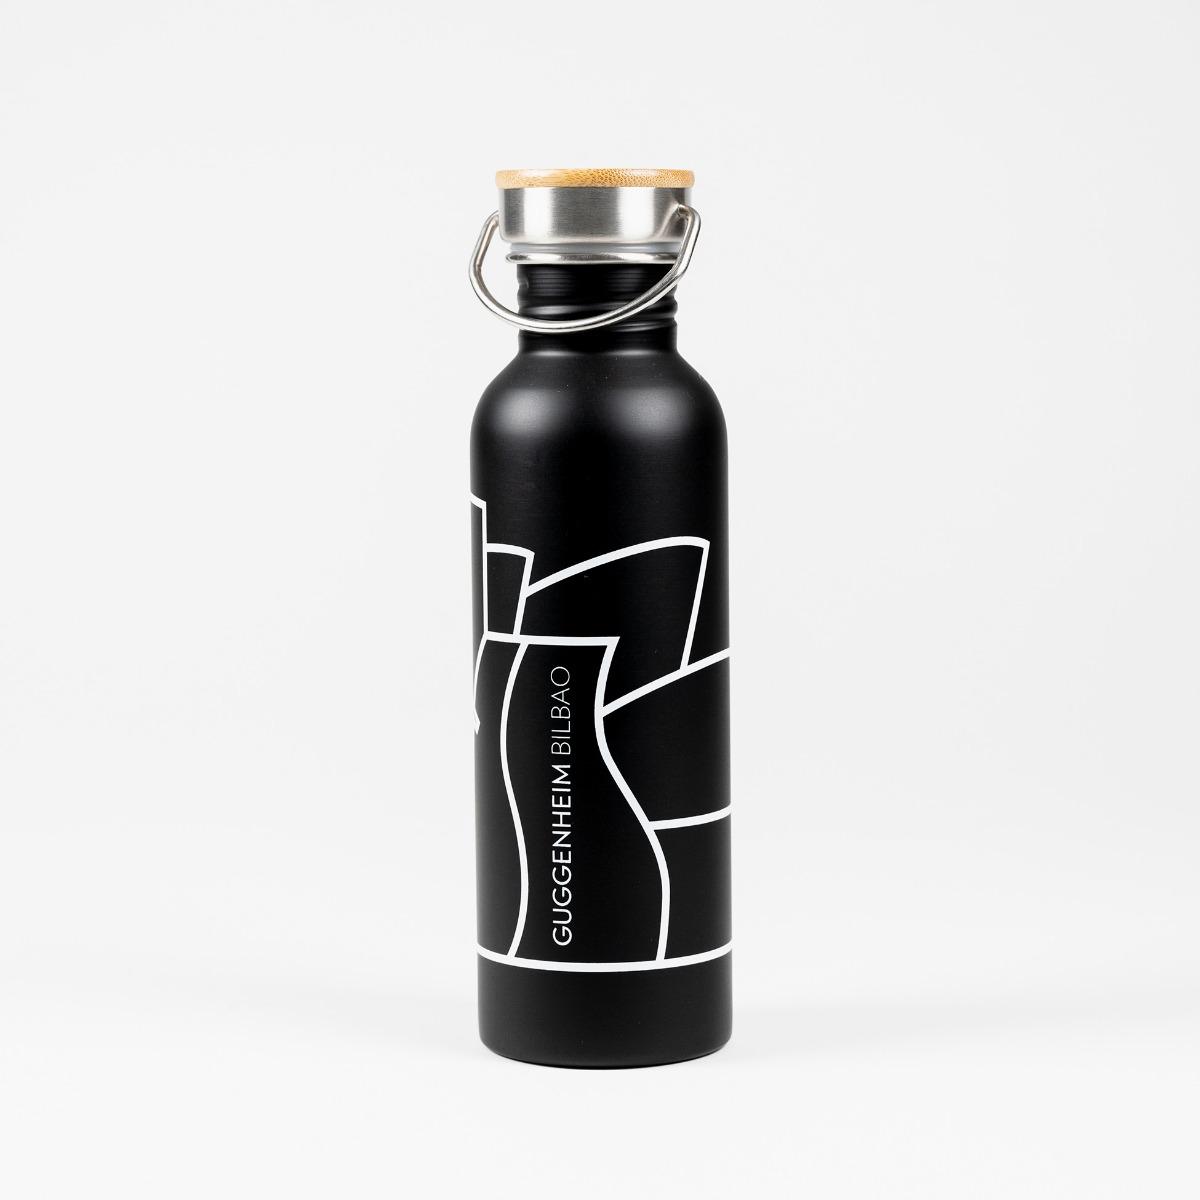 Guggenheim Bilbao Metal Bottle